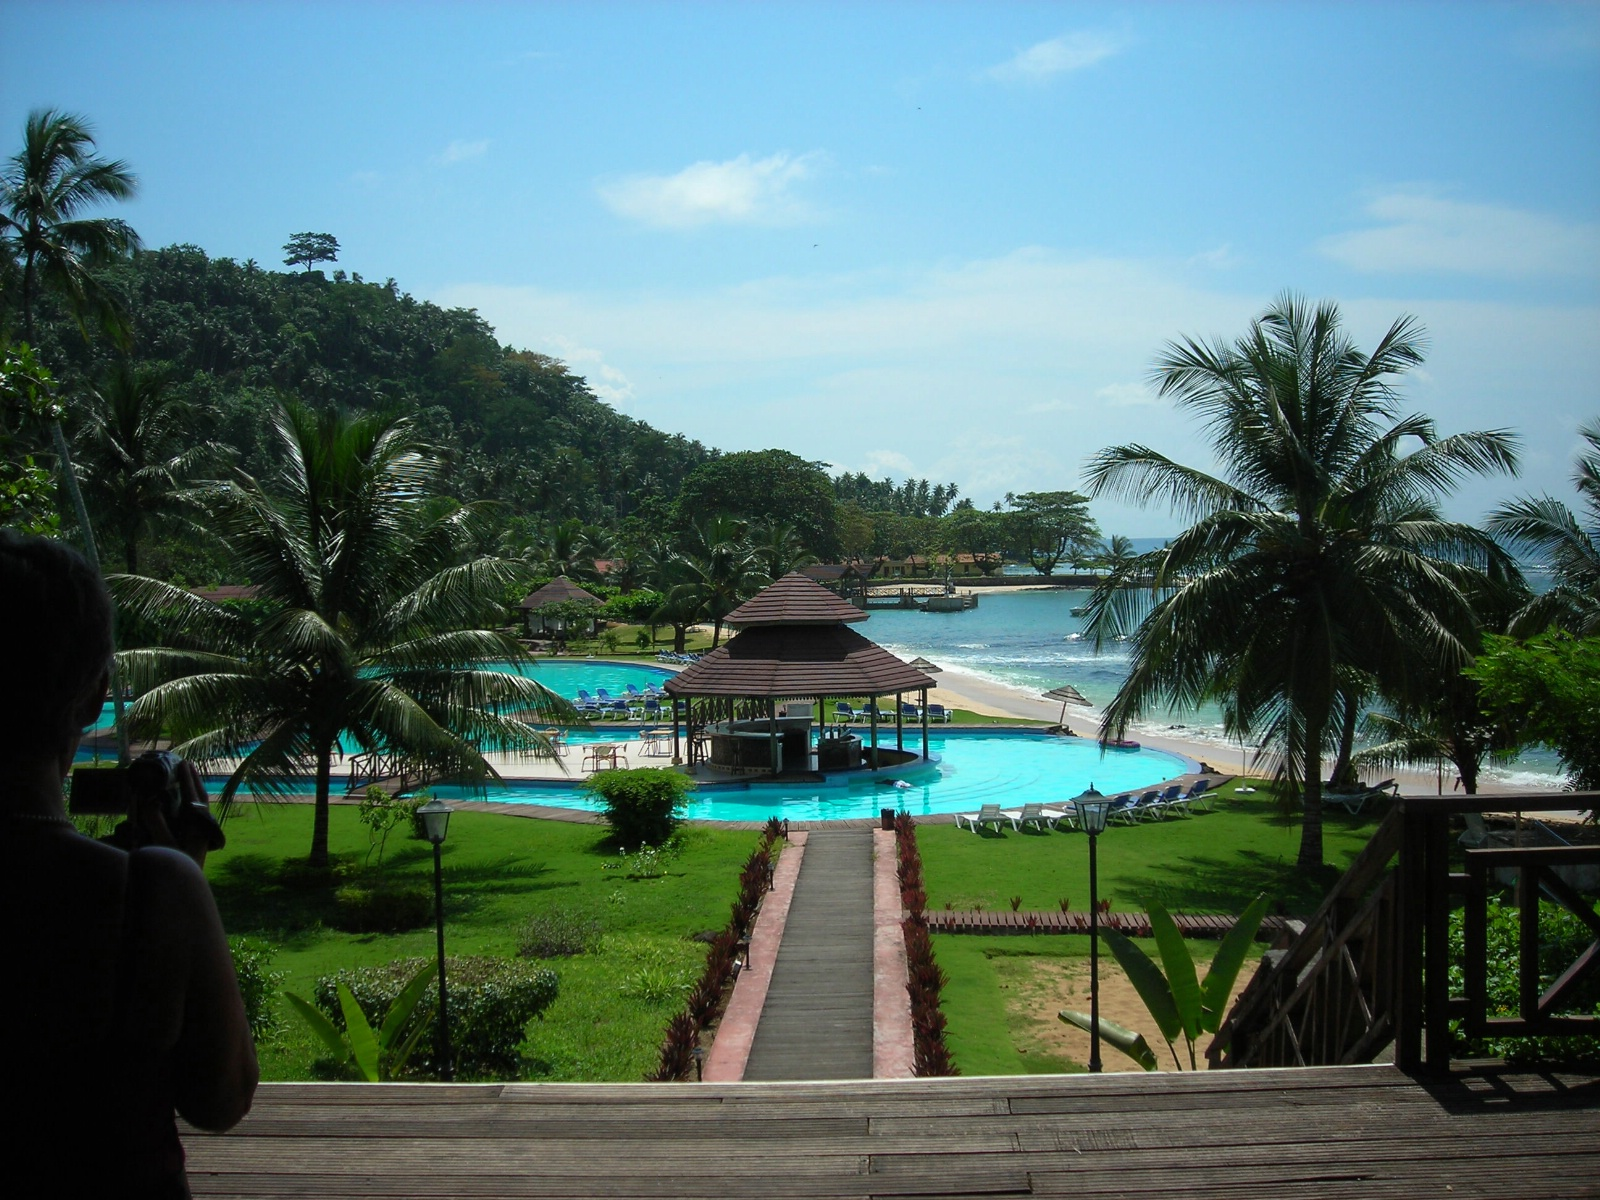 Pestana Equador er pr i dag eneste hotell på Rolas - Sao Tomé